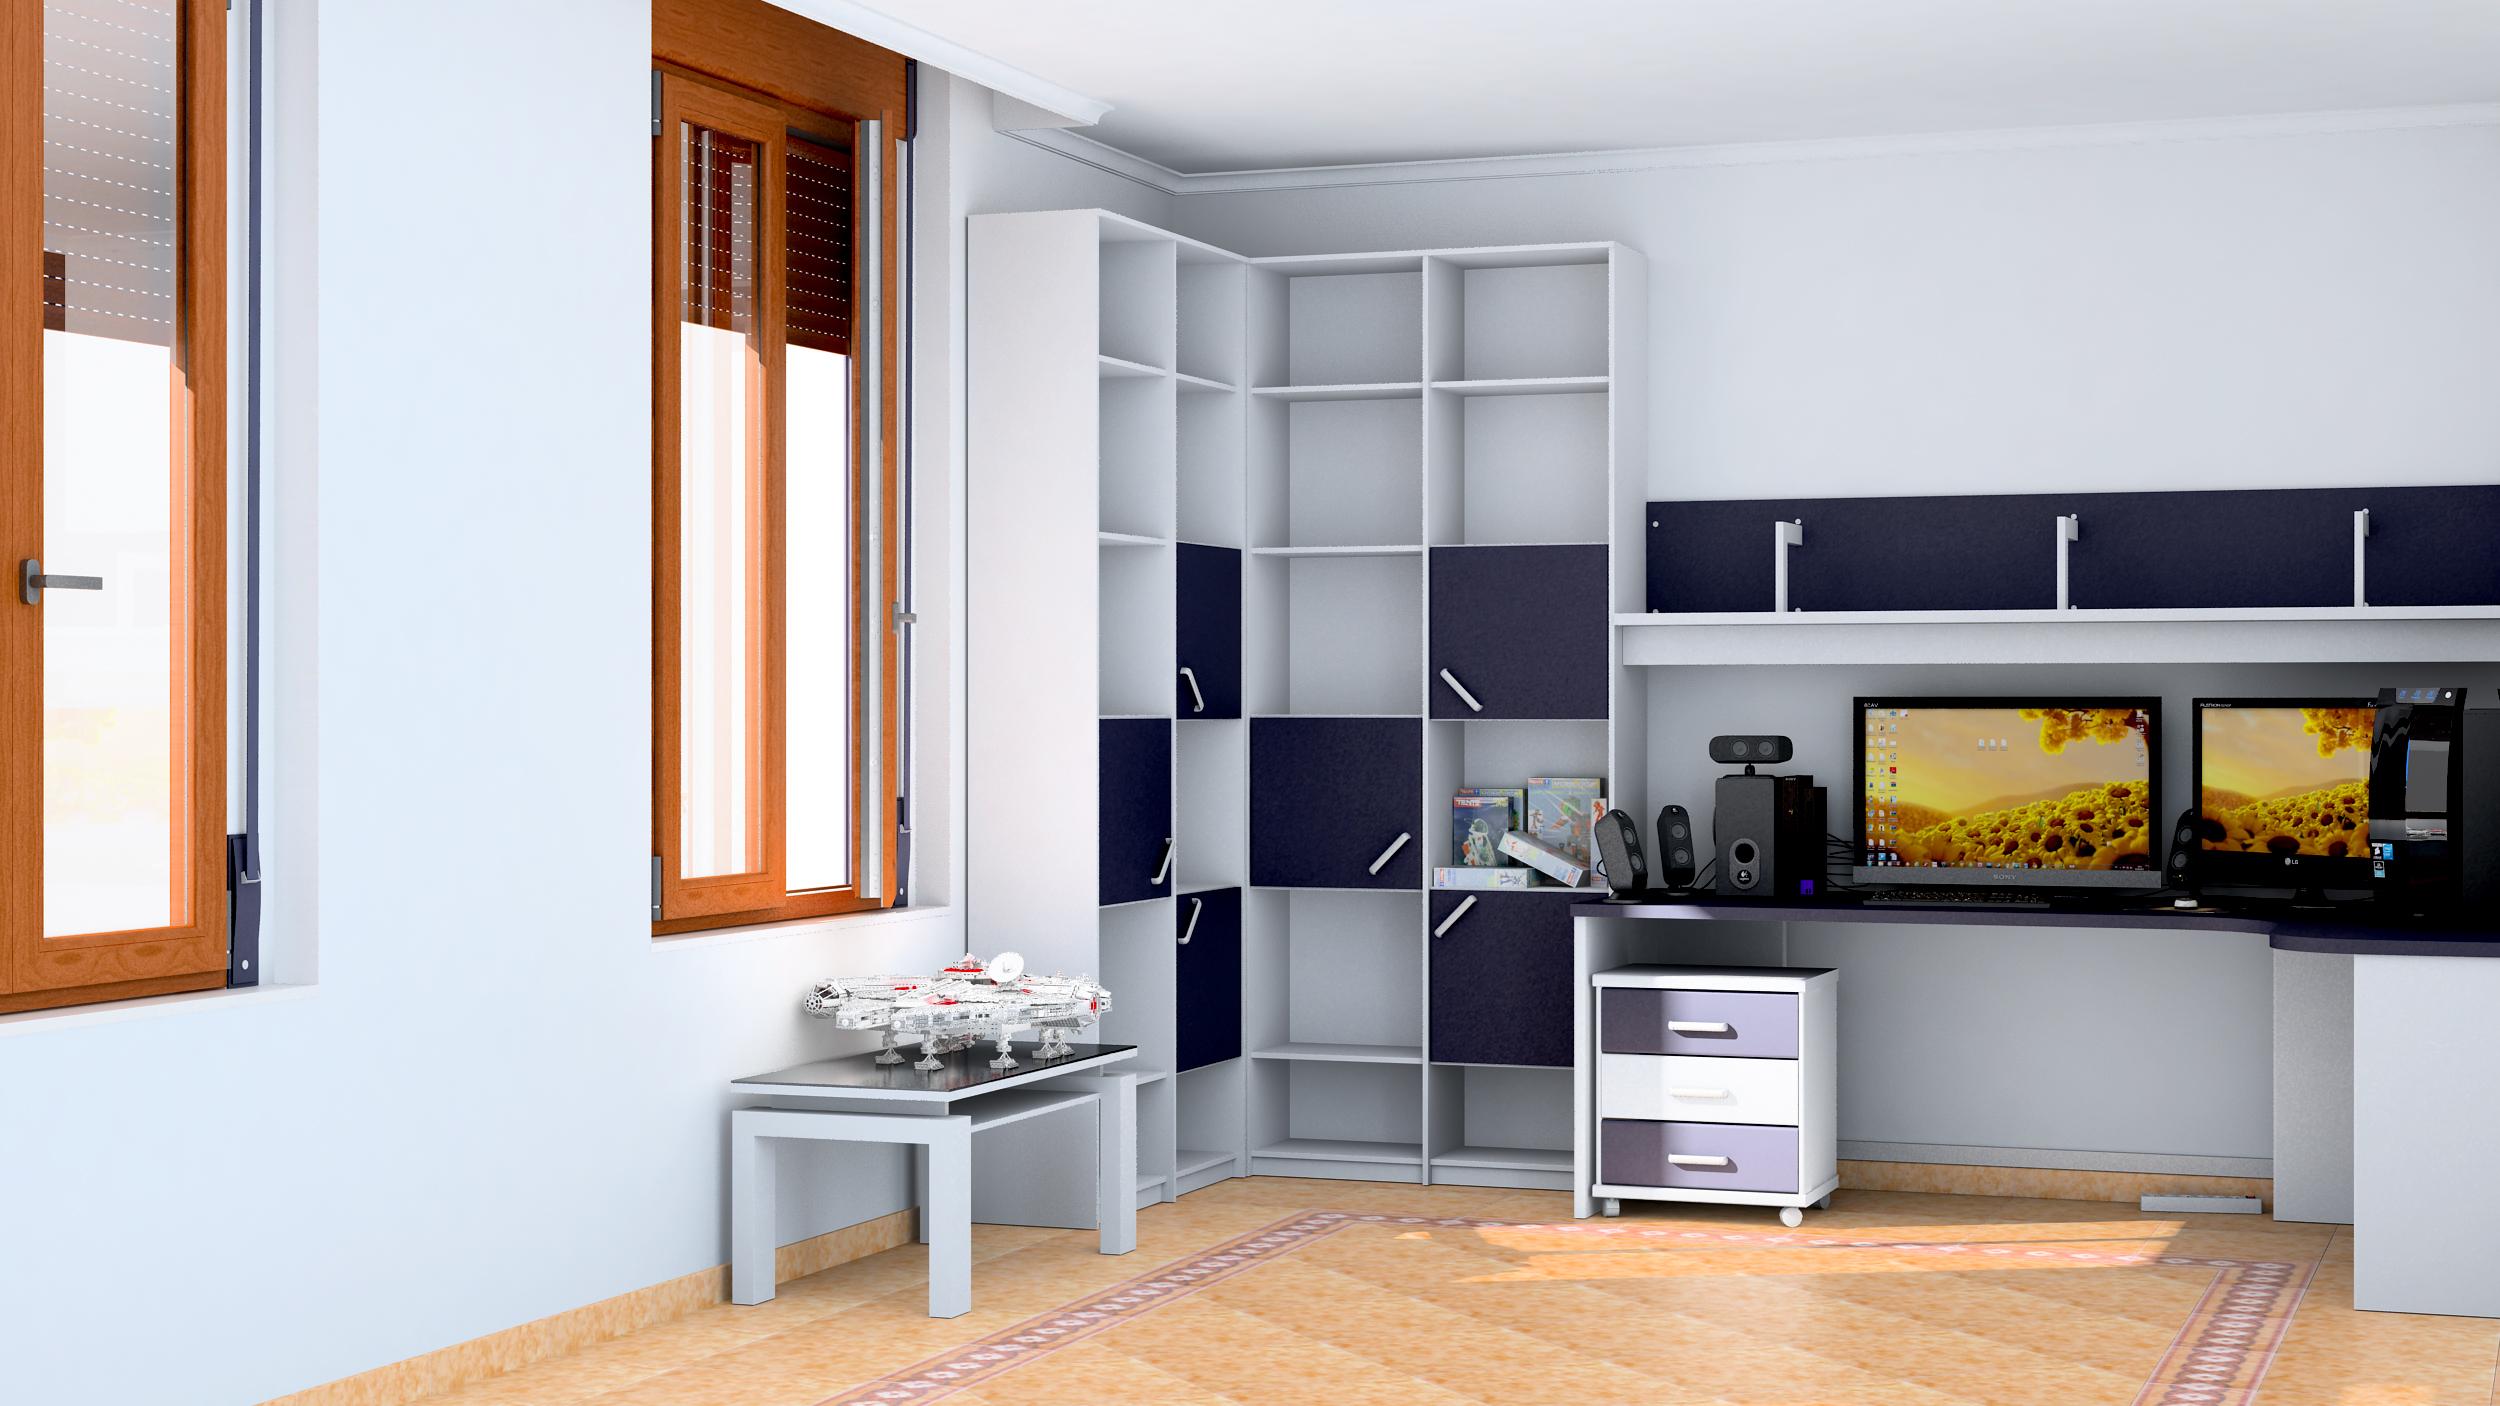 Poniendome al d a modelando mi habitacion for Modelar habitacion 3d max